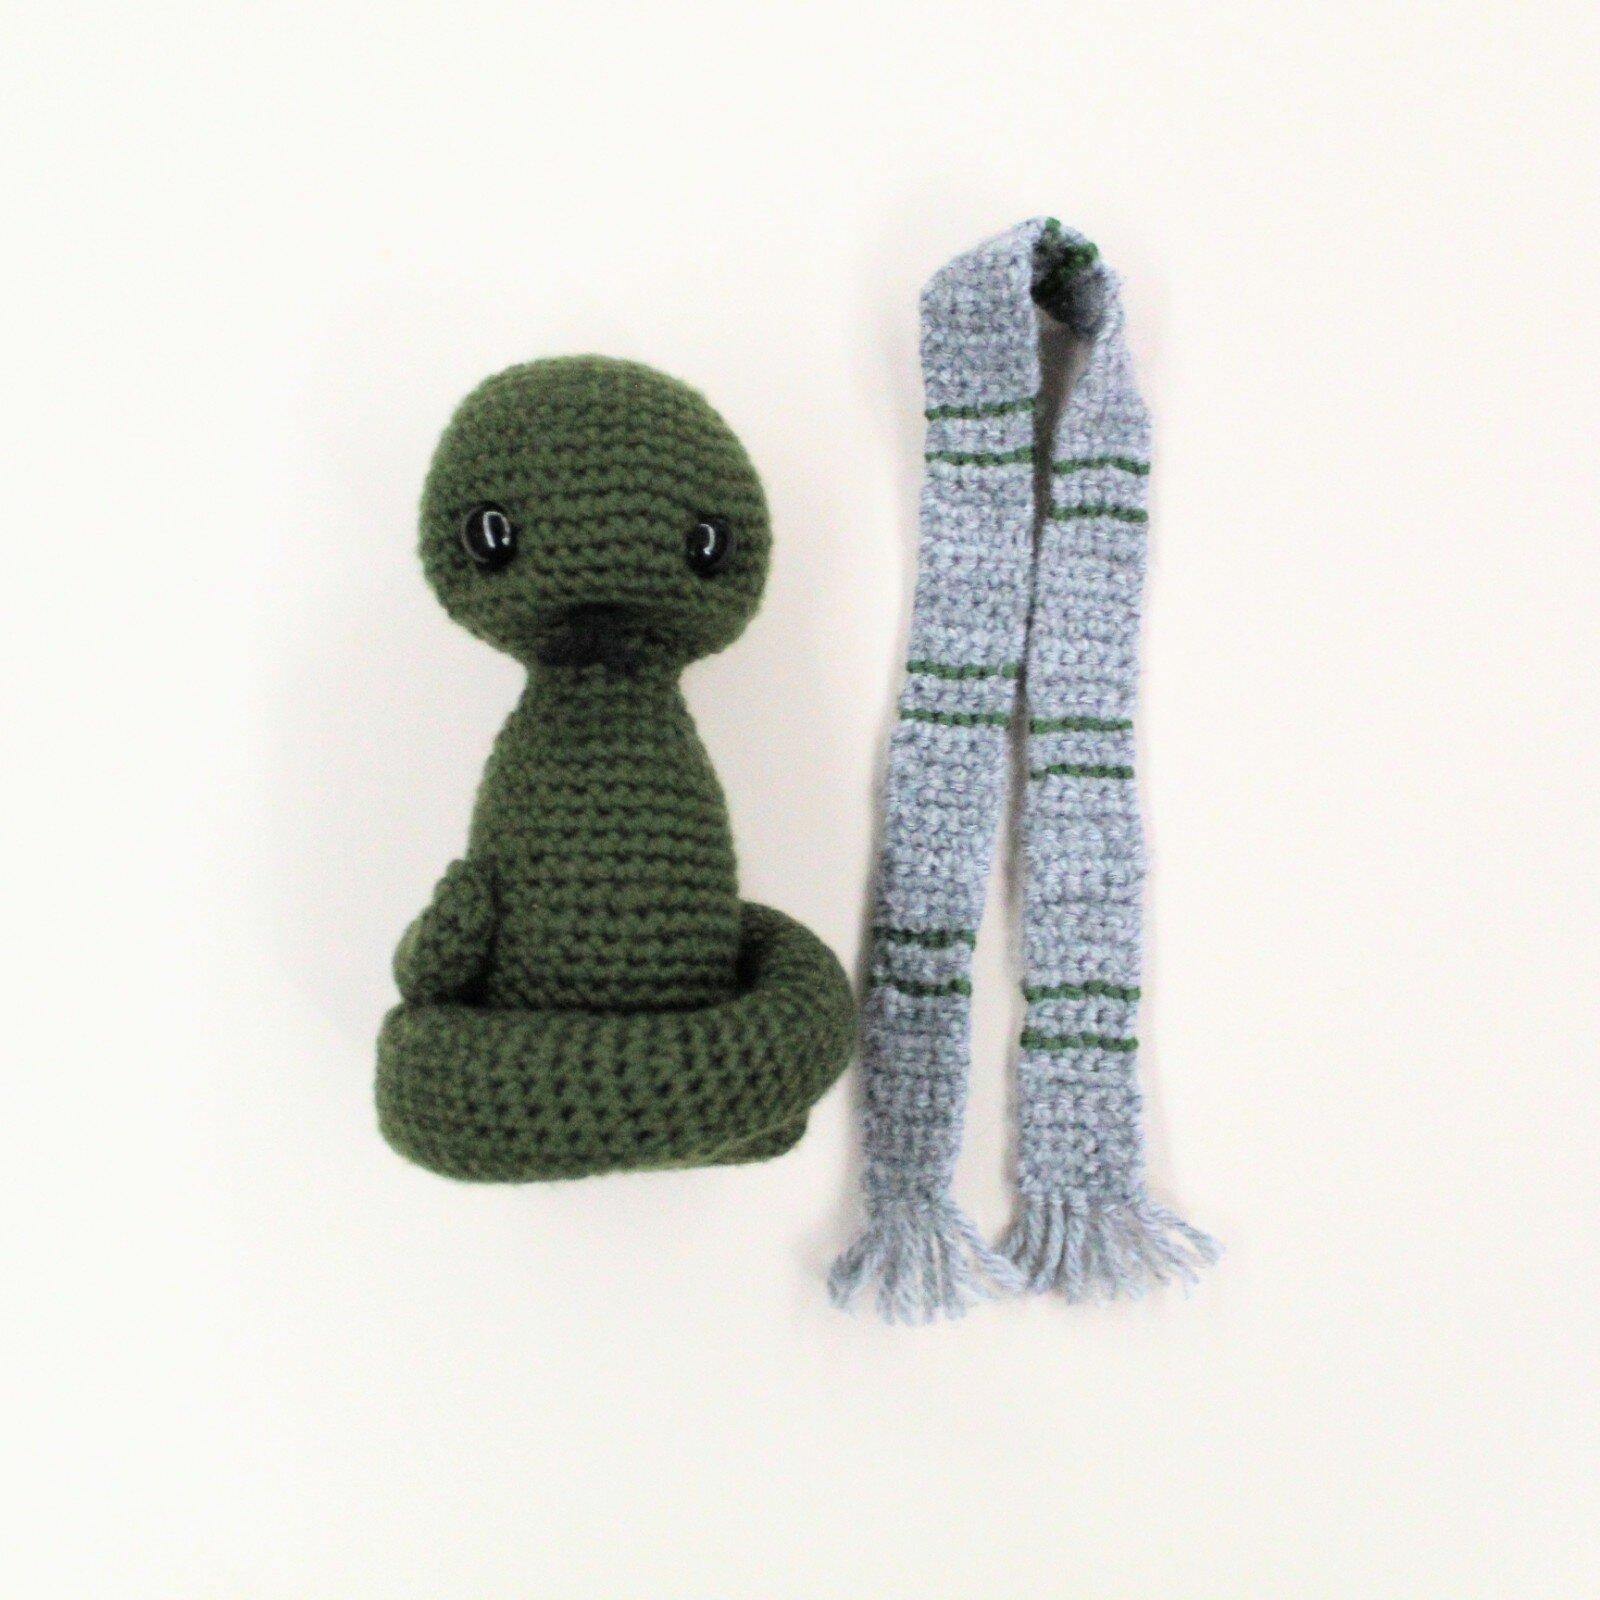 Crochet Rainbow Snake, Free crochet Pattern | Fun crochet projects ... | 1000x1000